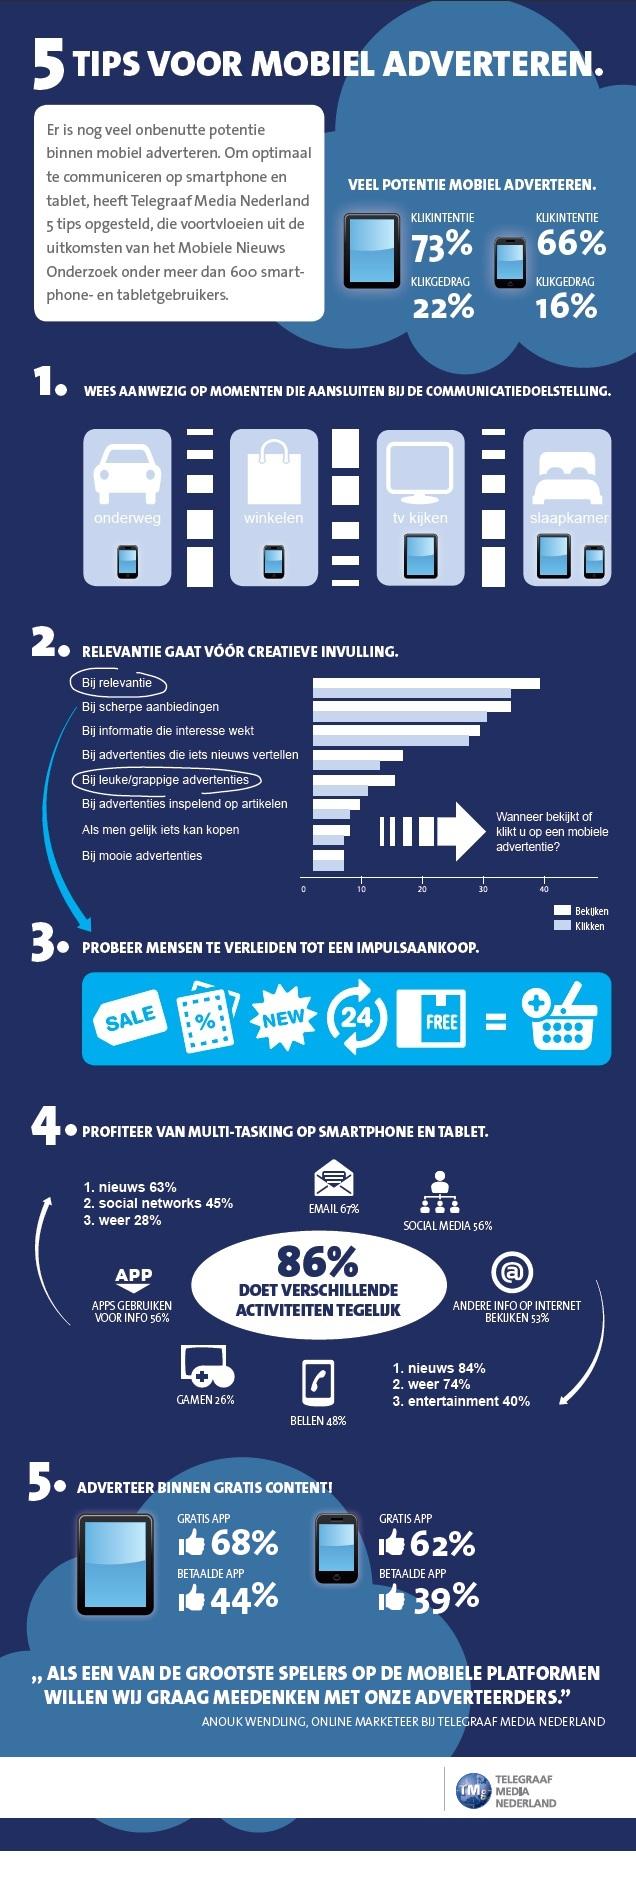 5 tips voor mobiel adverteren [infographic]